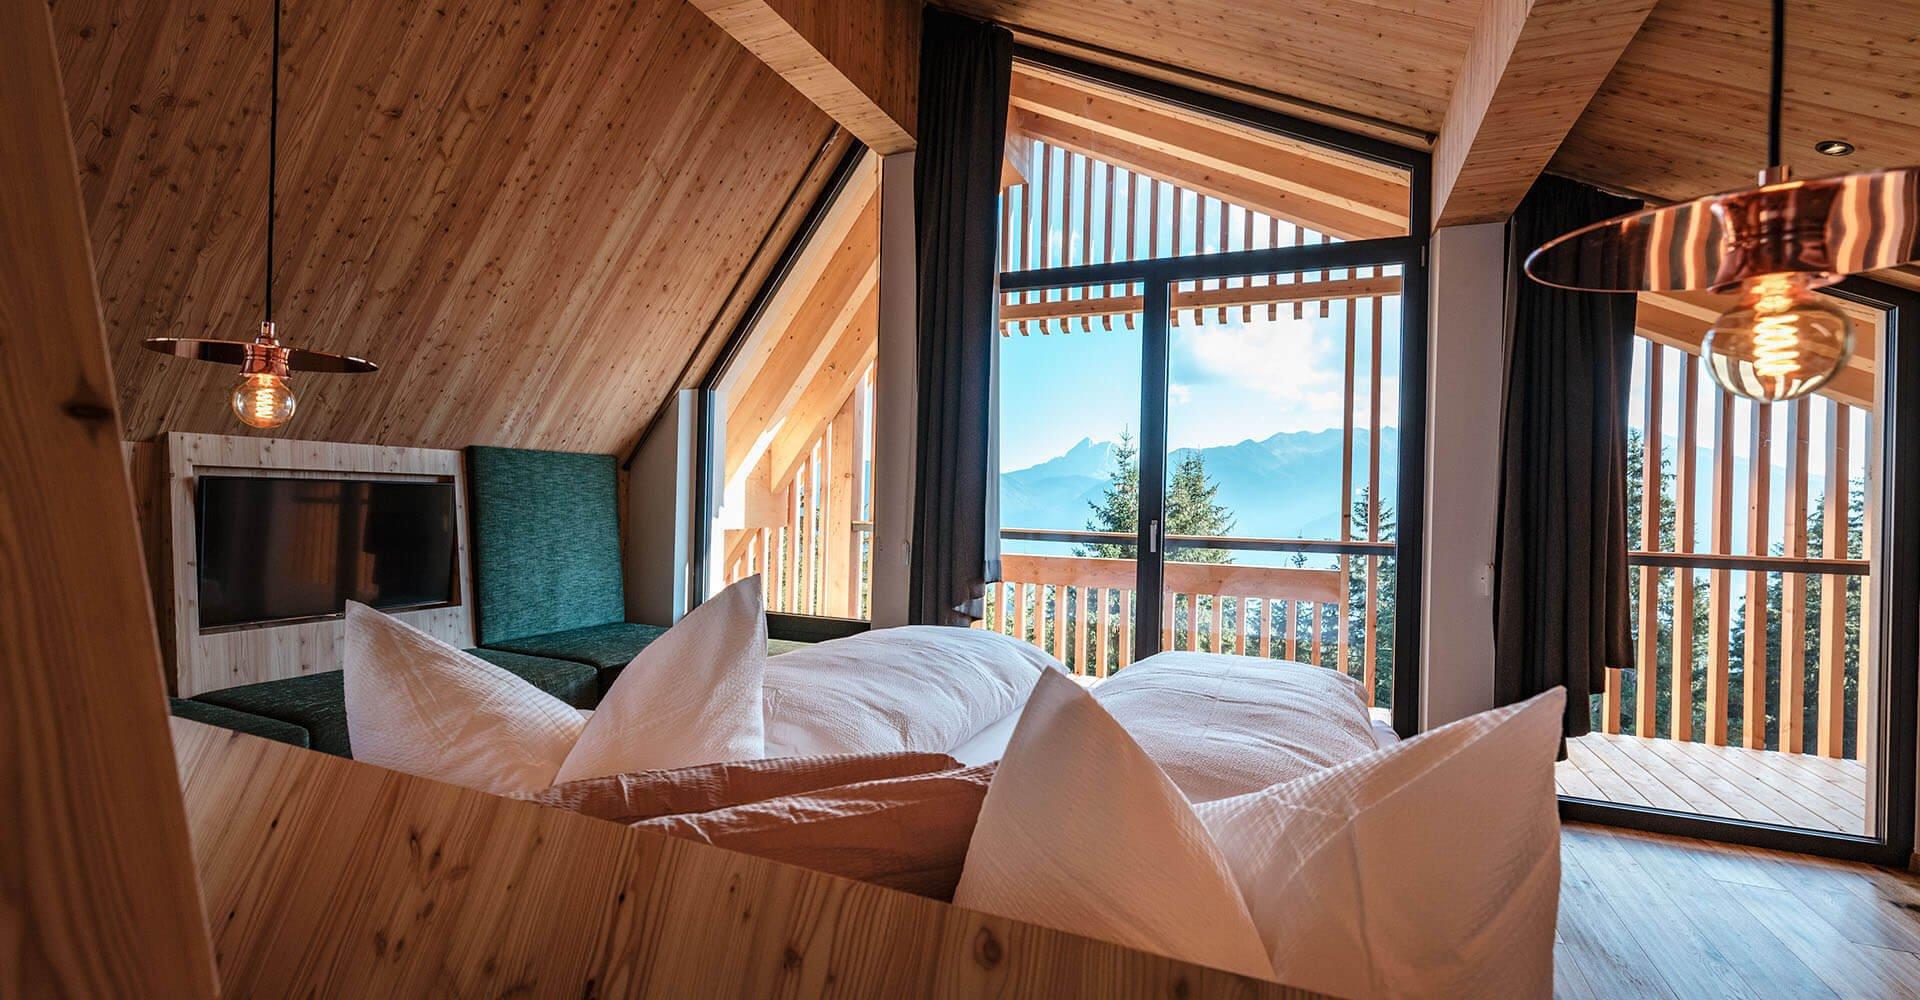 Wohnen in den Dolomiten | Almhotel auf der Rodenecker-Lüsner Alm | Oberhauserhütte in Südtirol